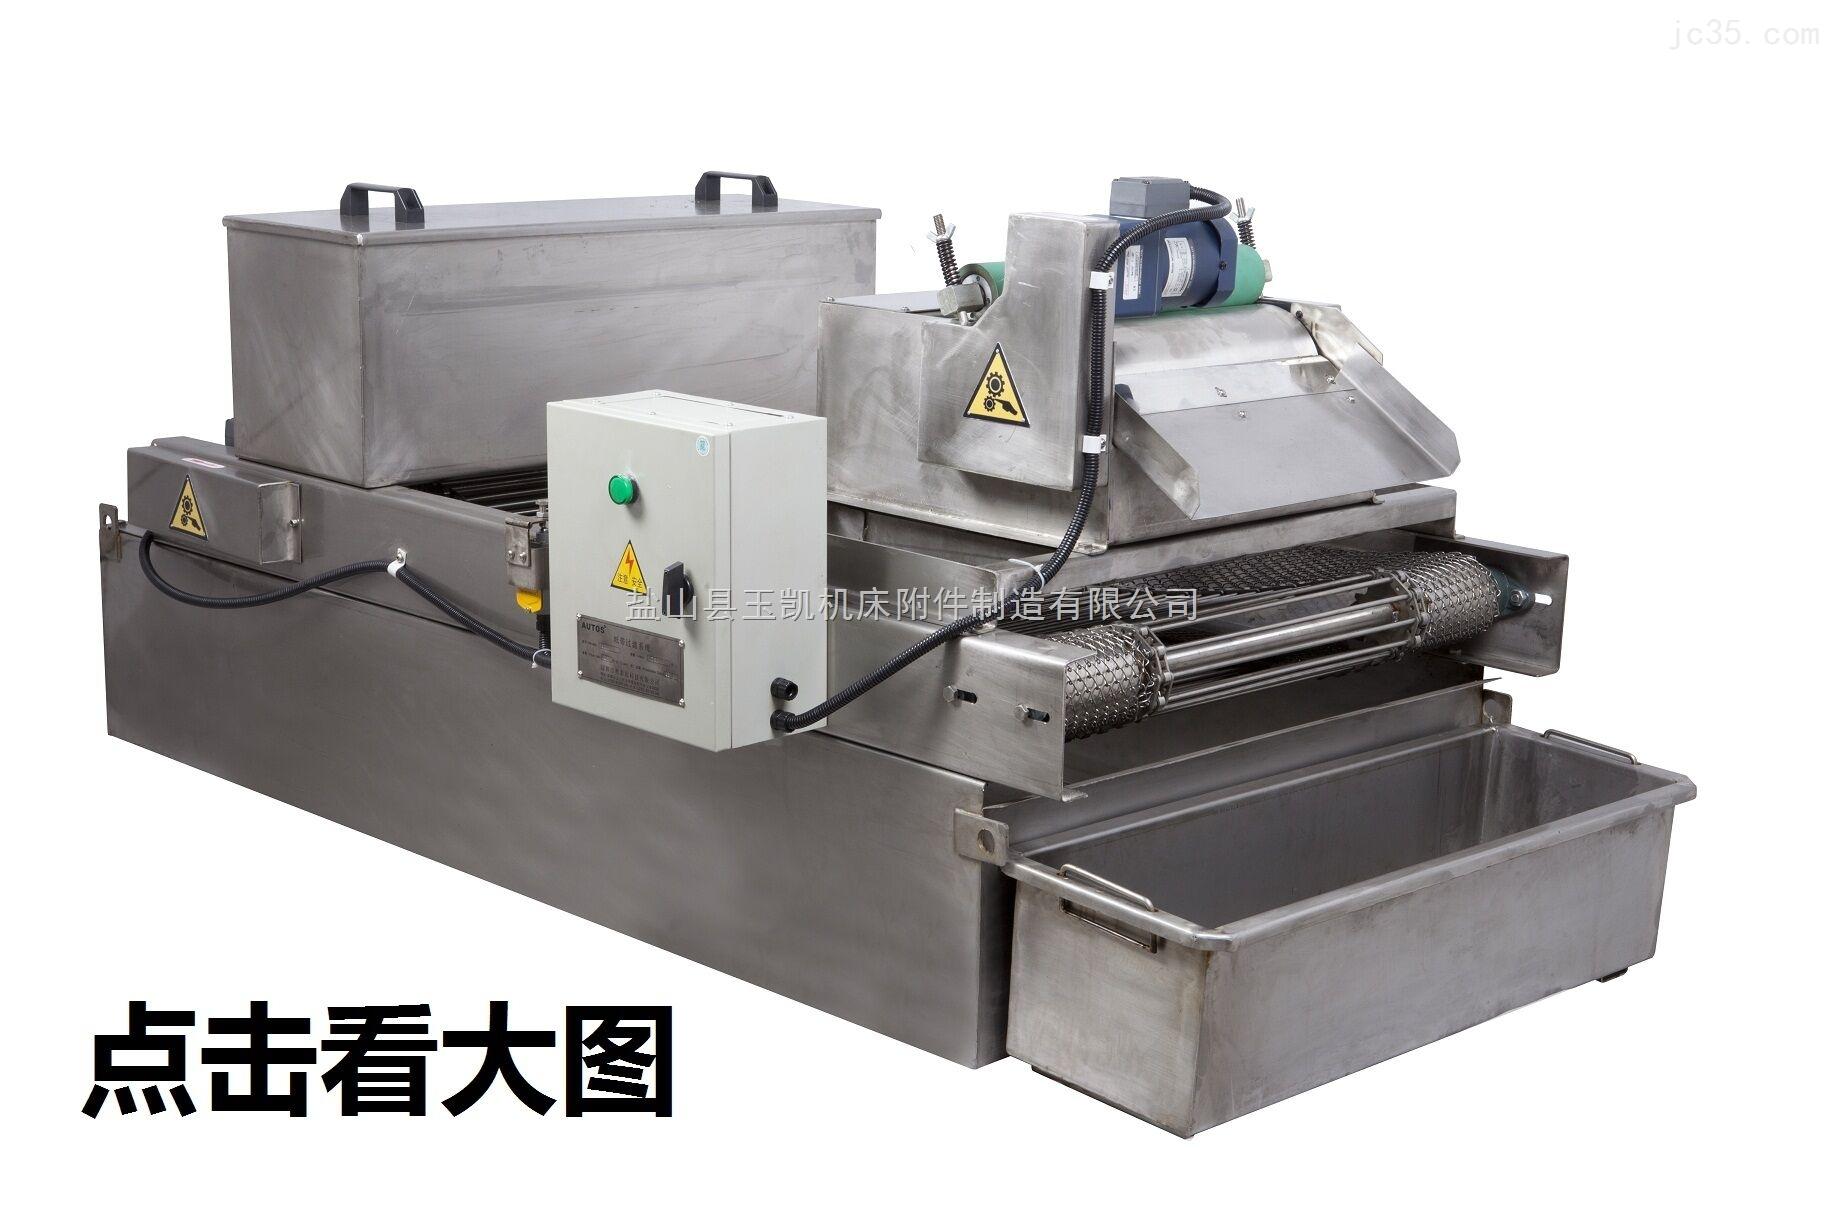 唐山钢铁磨床纸带过滤机